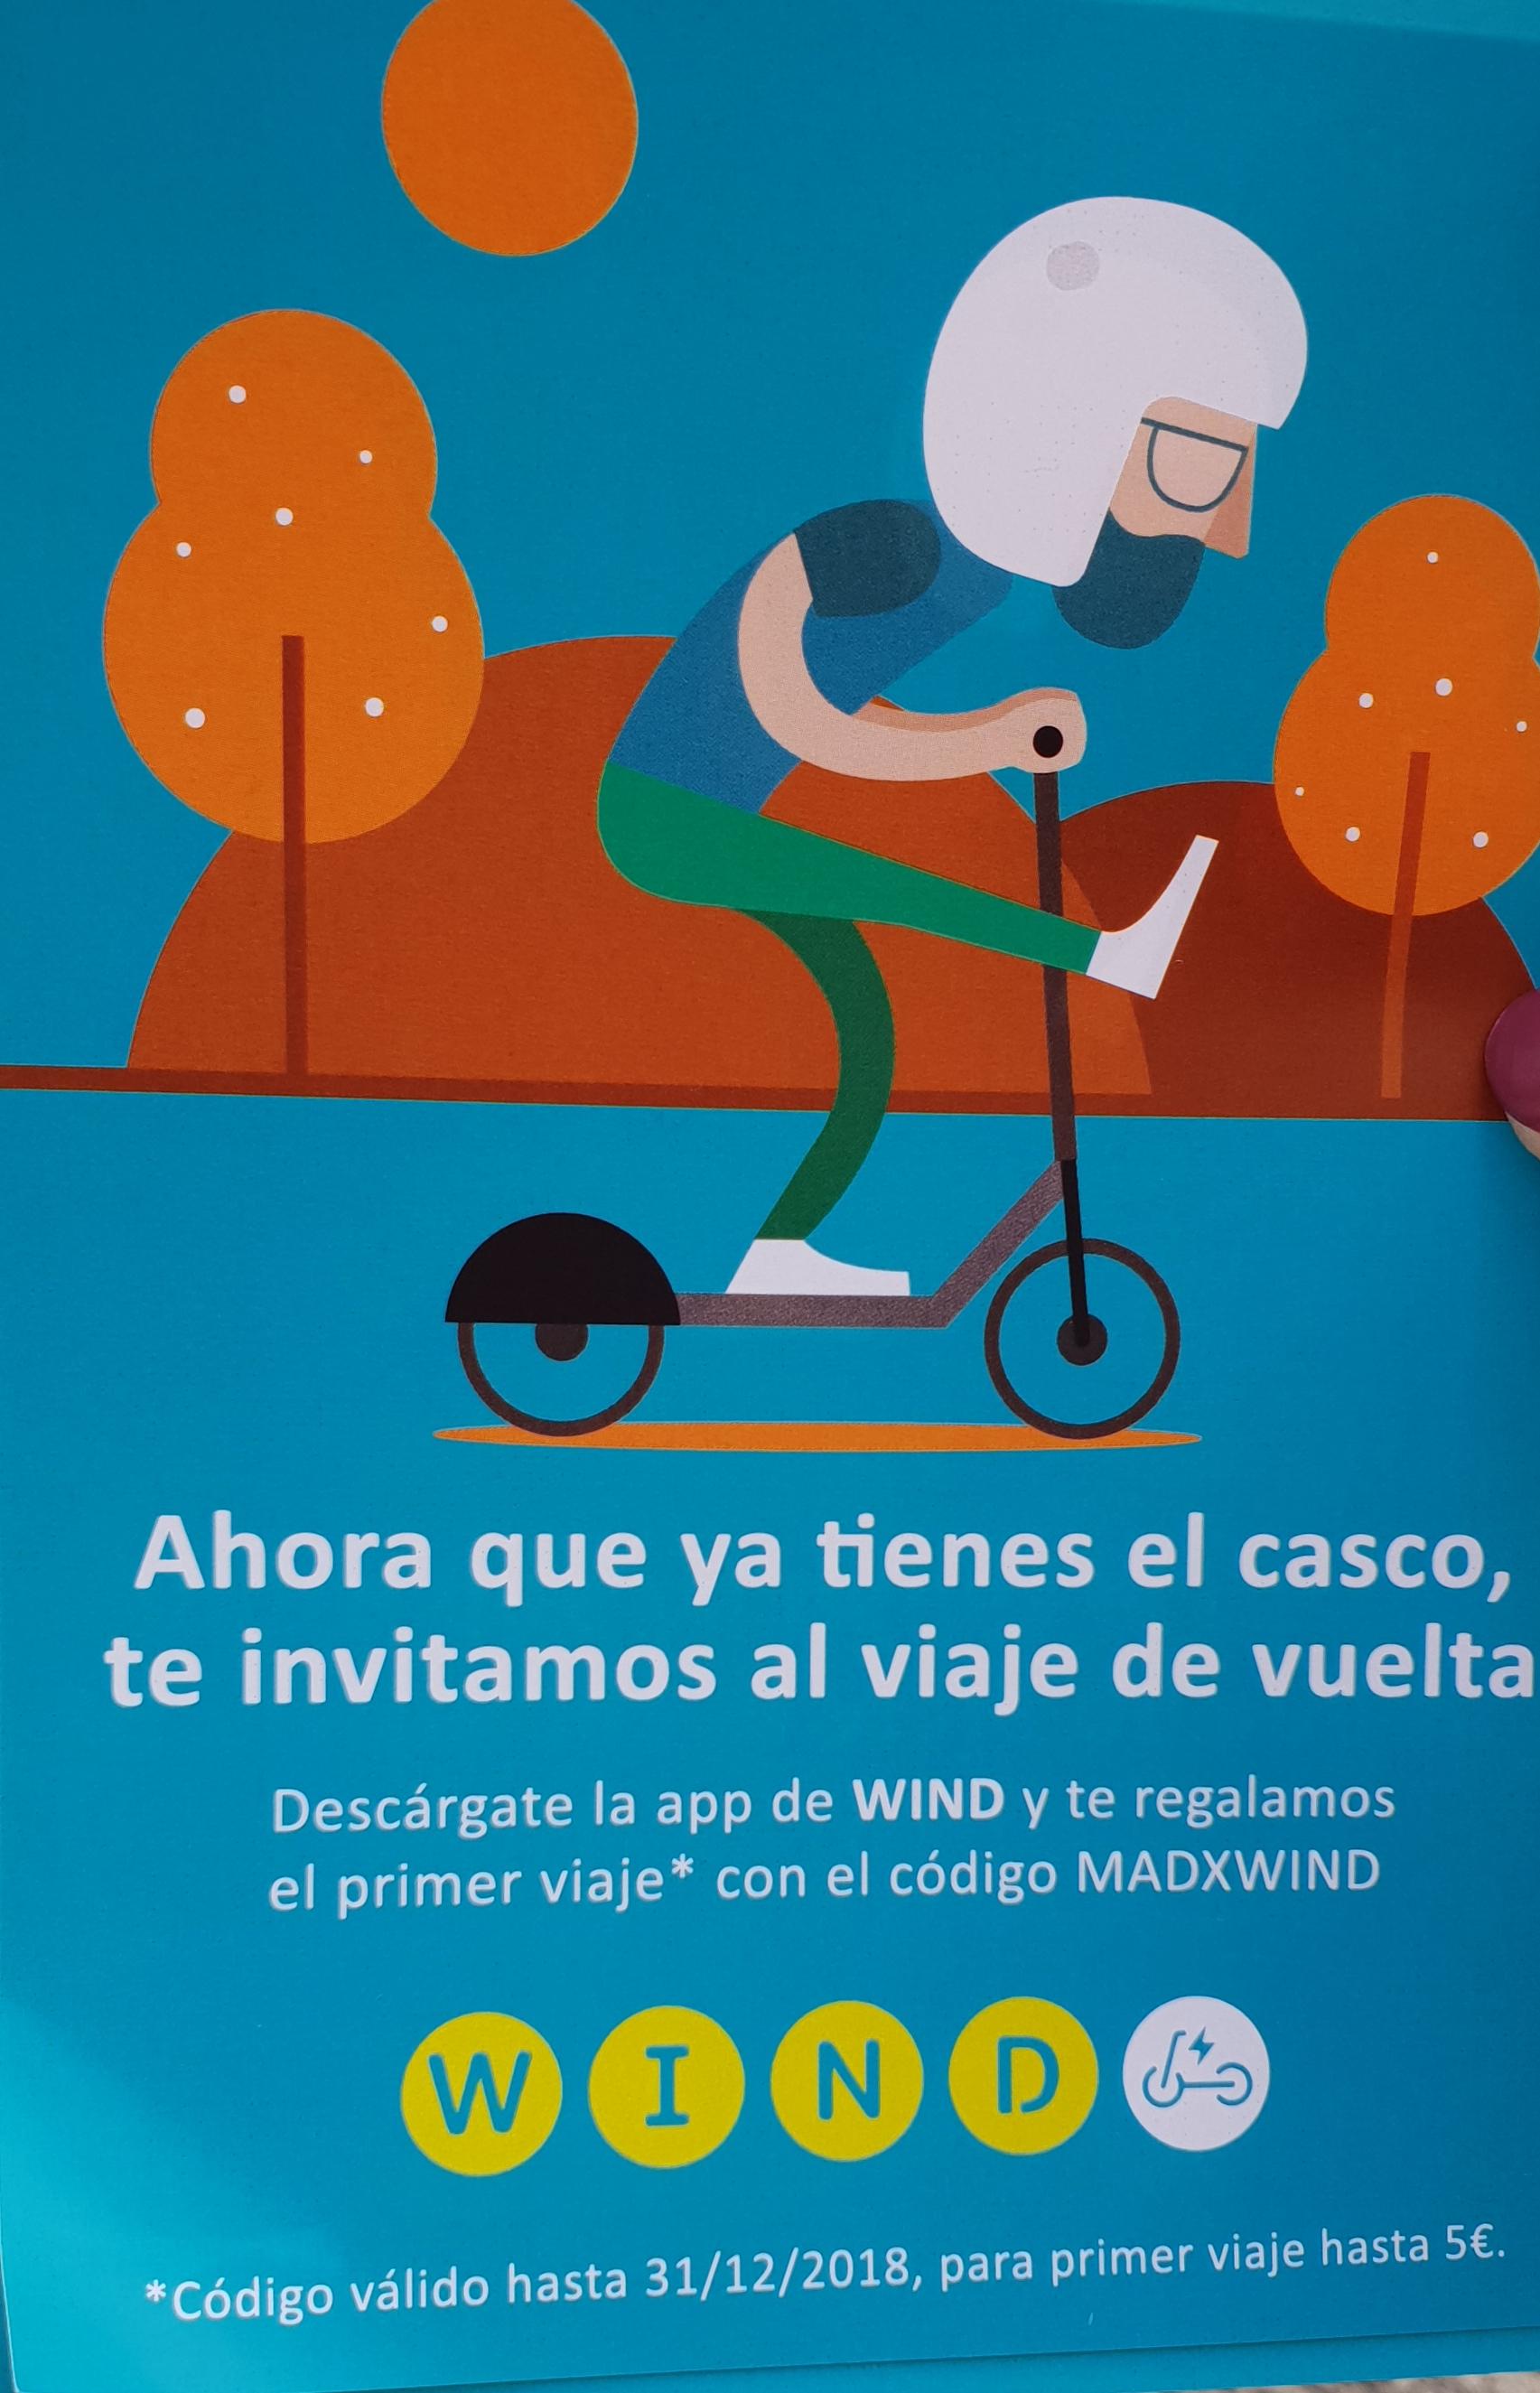 WIND | Código: MADXWIND | Primer viaje o Cupón de hasta 5€ Gratis